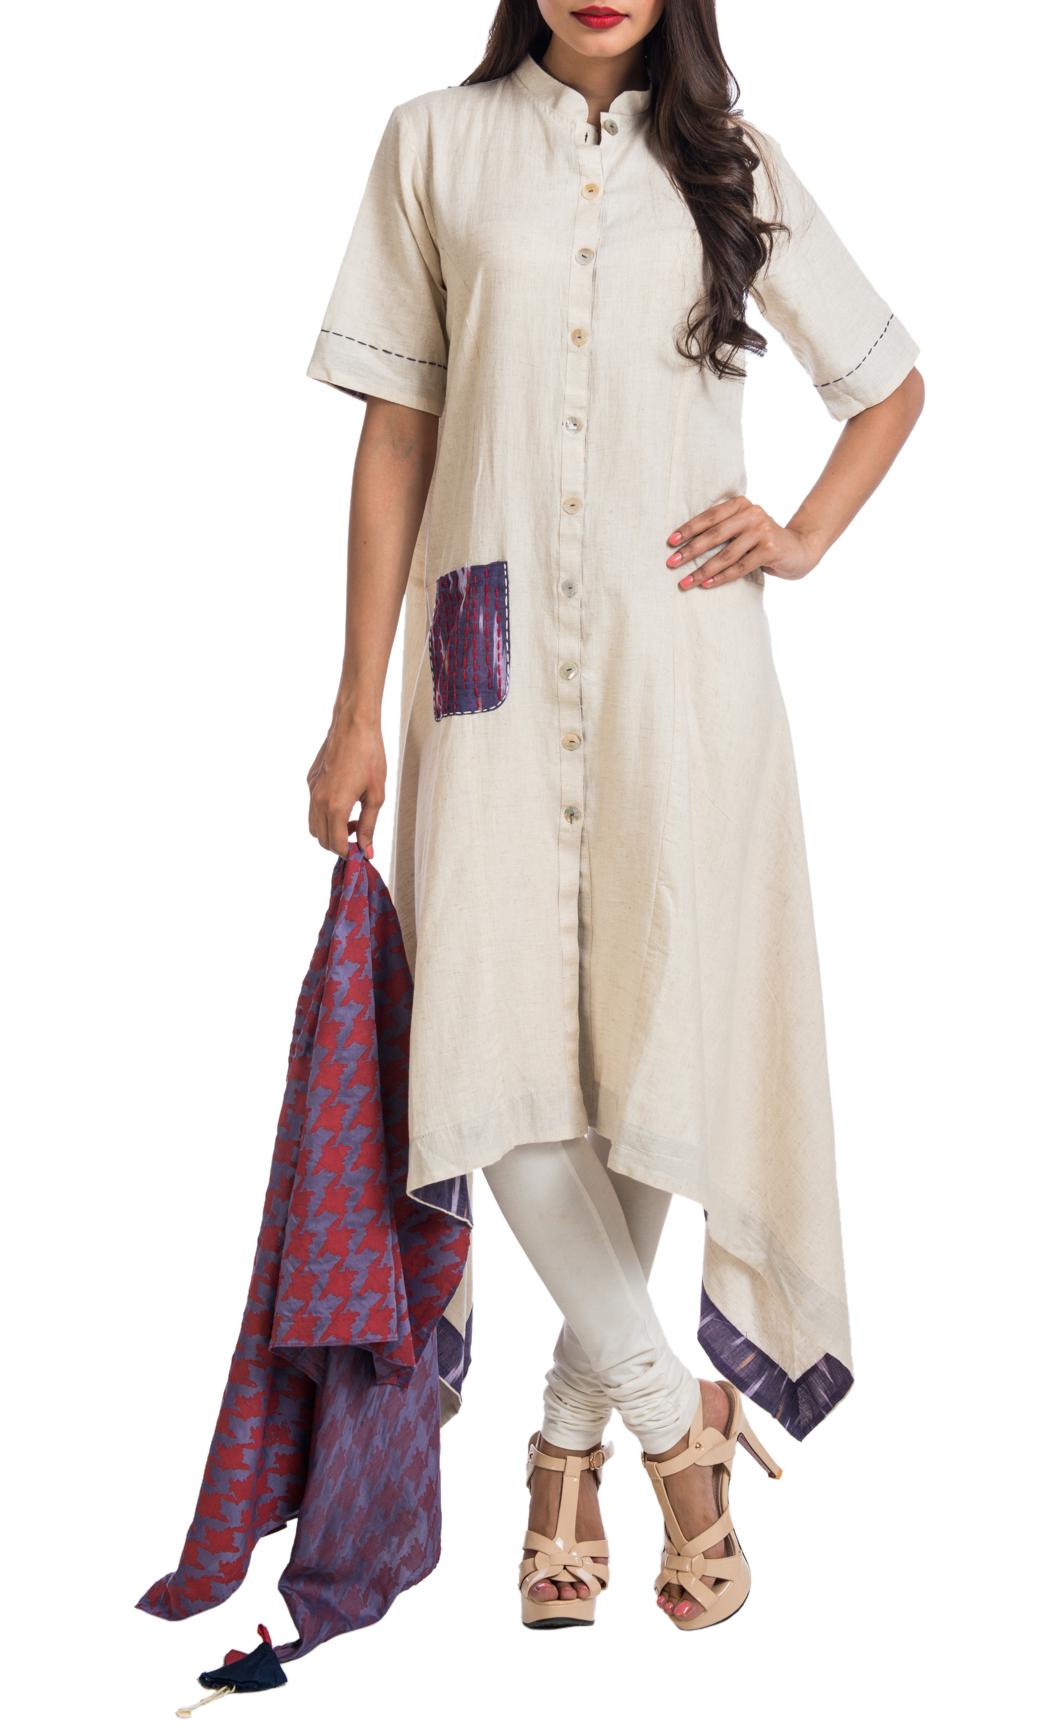 Cream Asymmetrical Shirt Dress - Shop Online